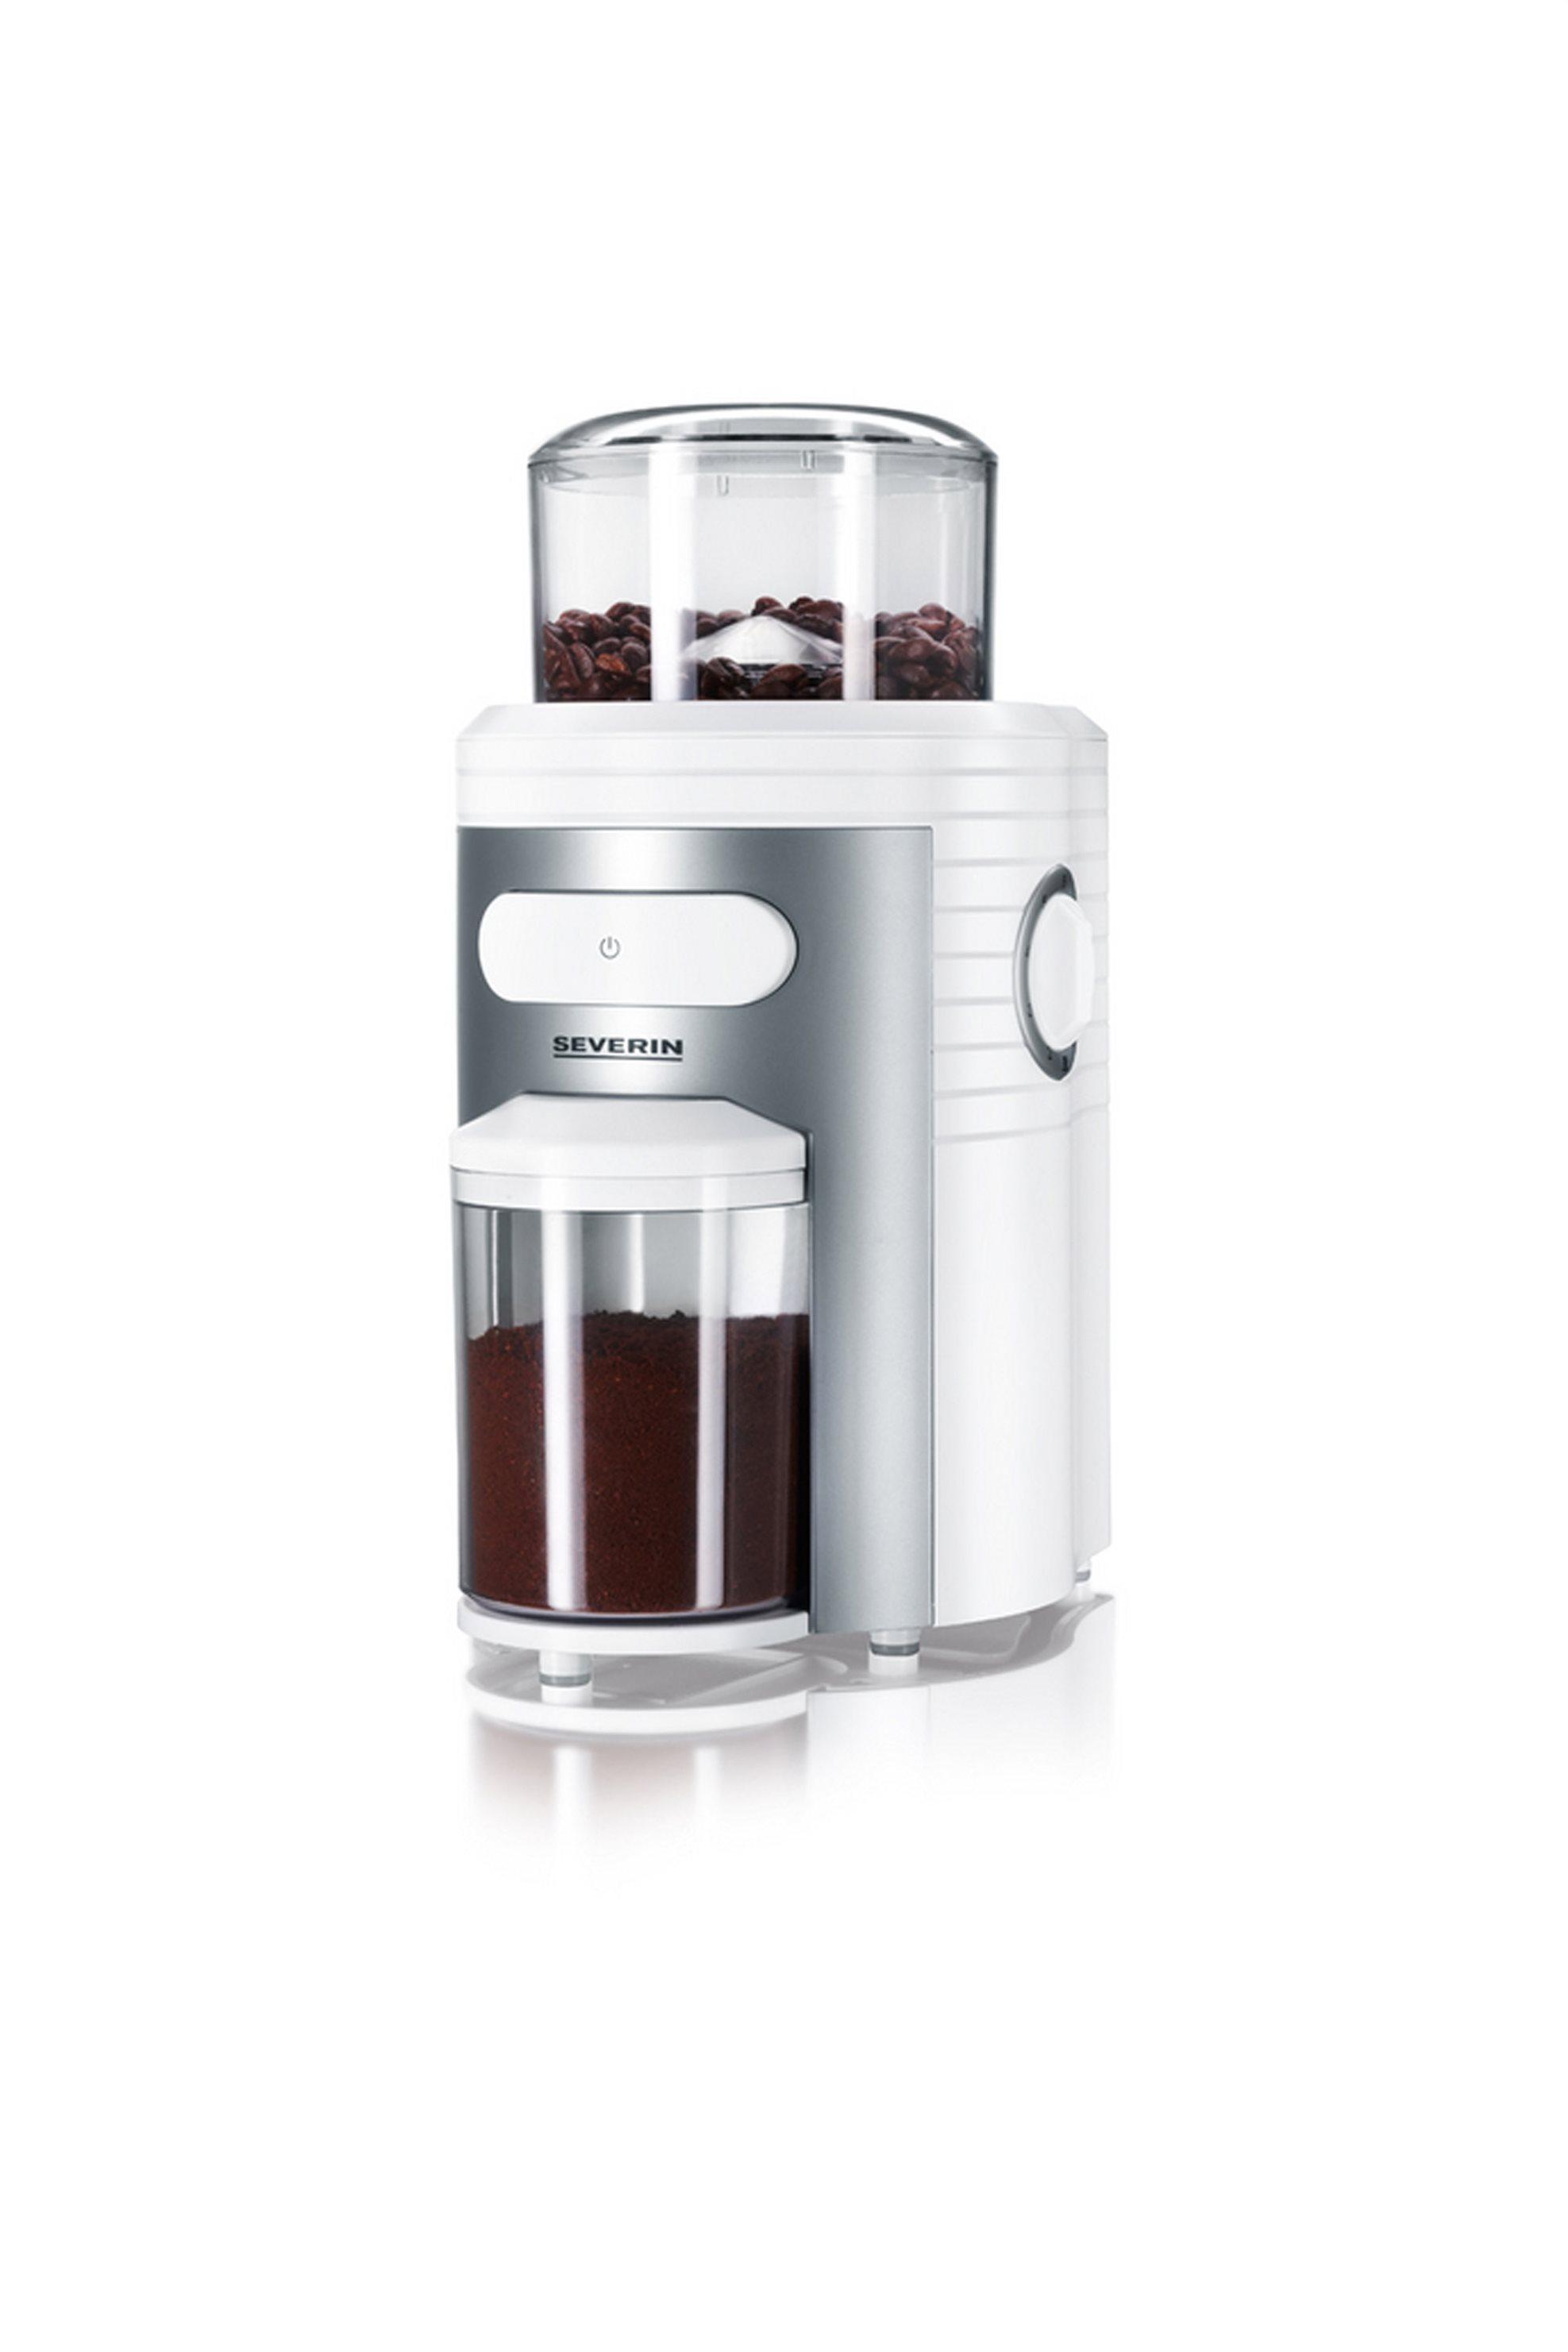 Μύλος άλεσης καφέ 150W Severin - 3873 home   μικρεσ οικιακεσ συσκευεσ   κοπτικά   μύλοι